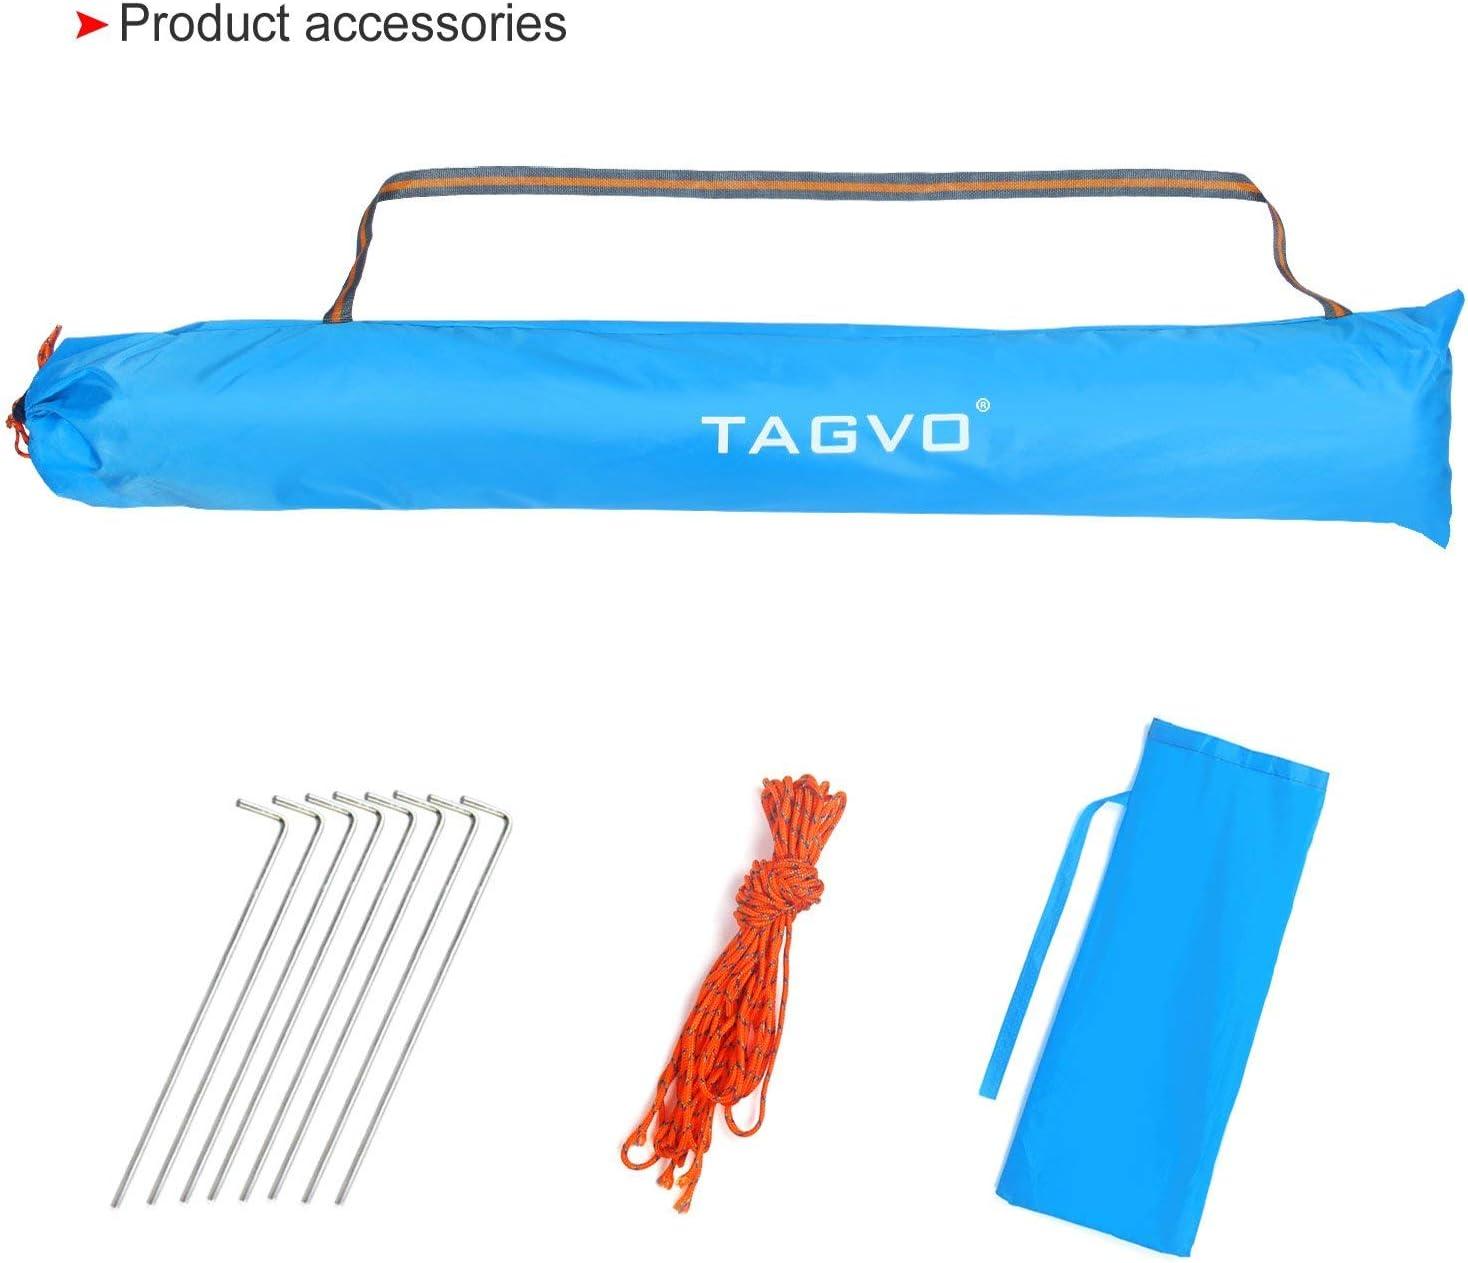 Portable Canopy F/ácil de Instalar Tear Down TAGVO Pop Up Beach Tent Sun Shelter con Puerta de Entrada